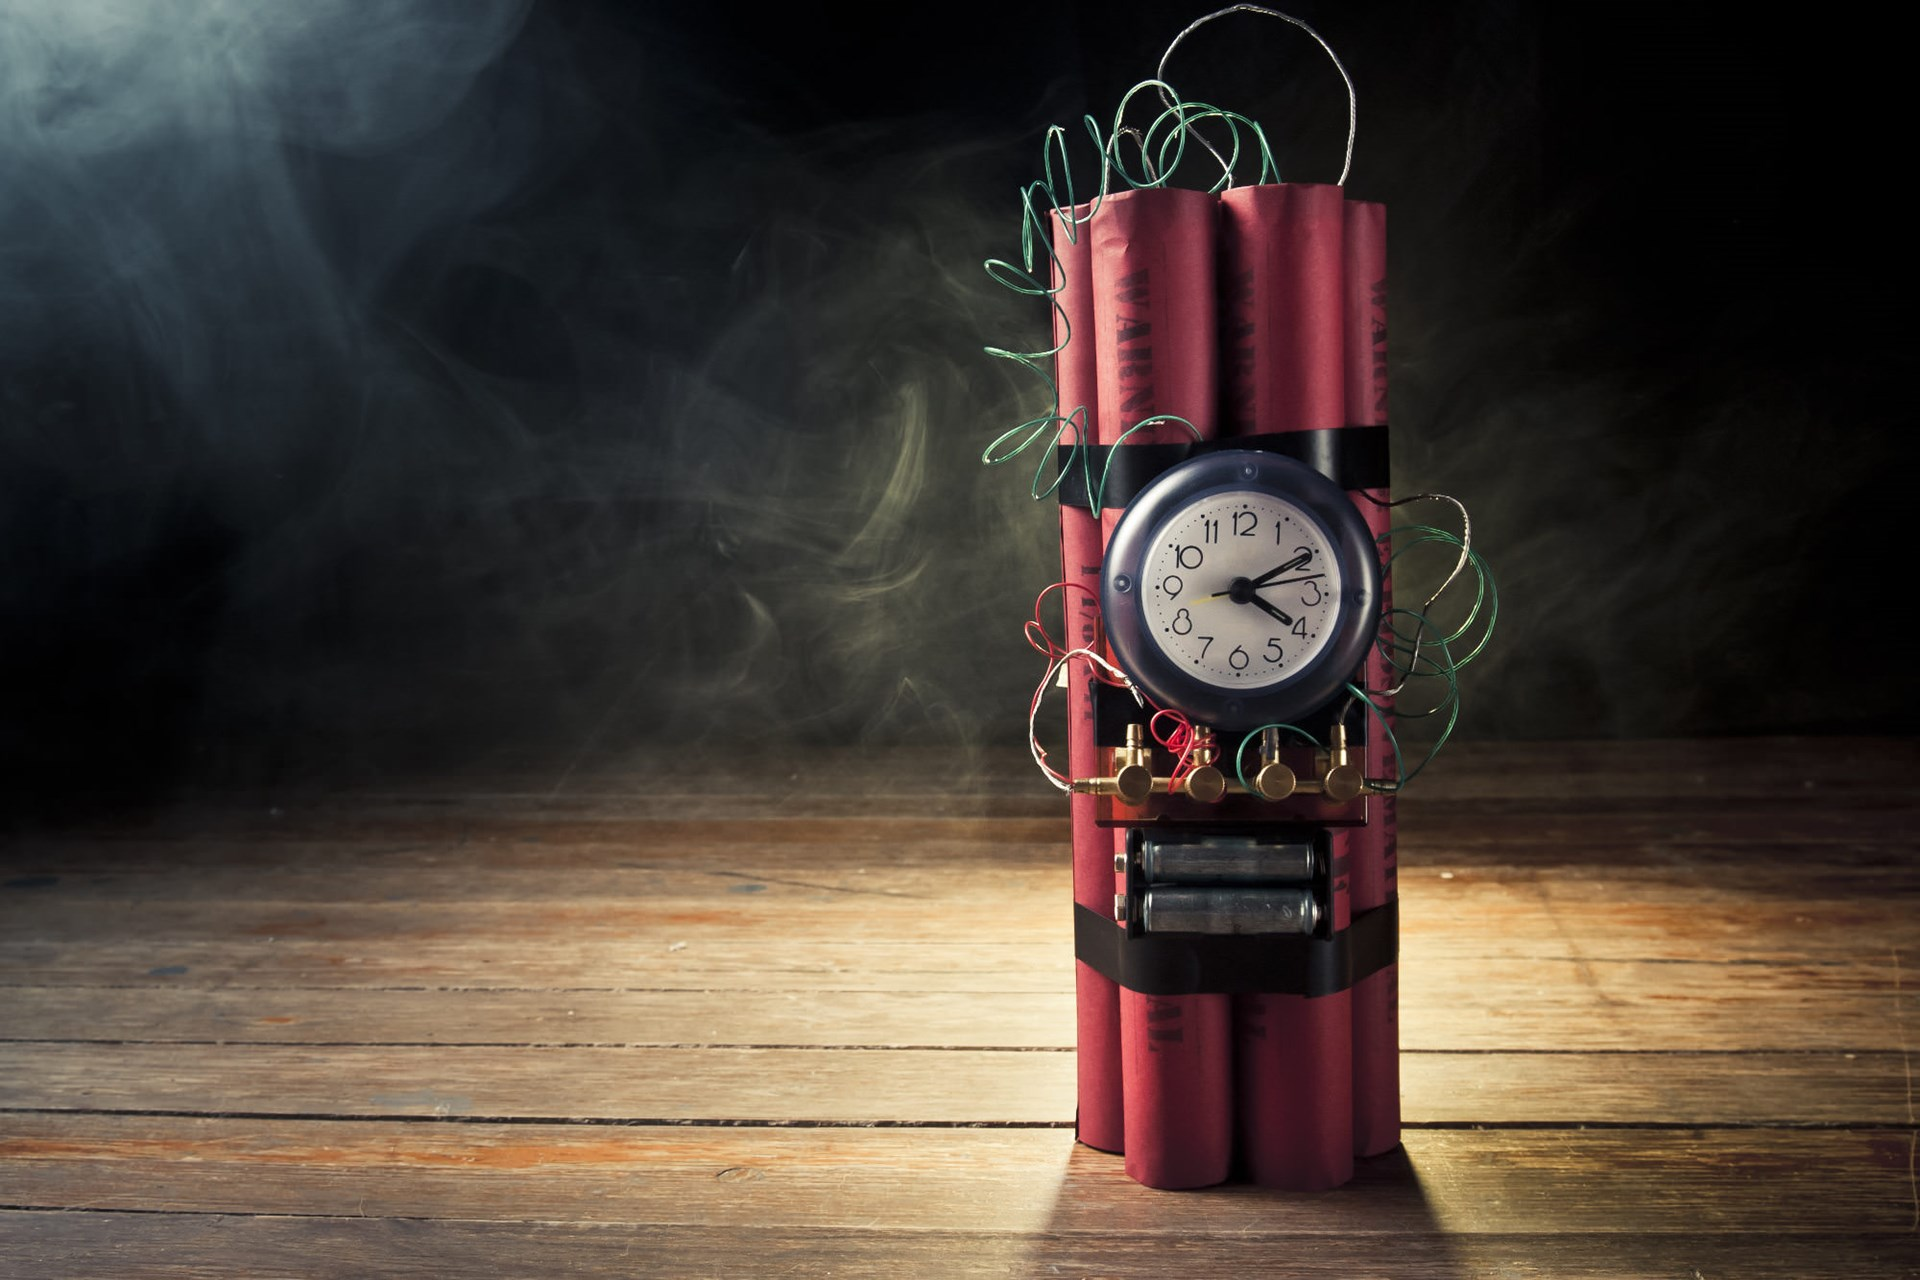 Hiperinflação mundial? Sinais de uma bomba preocupam especialistas